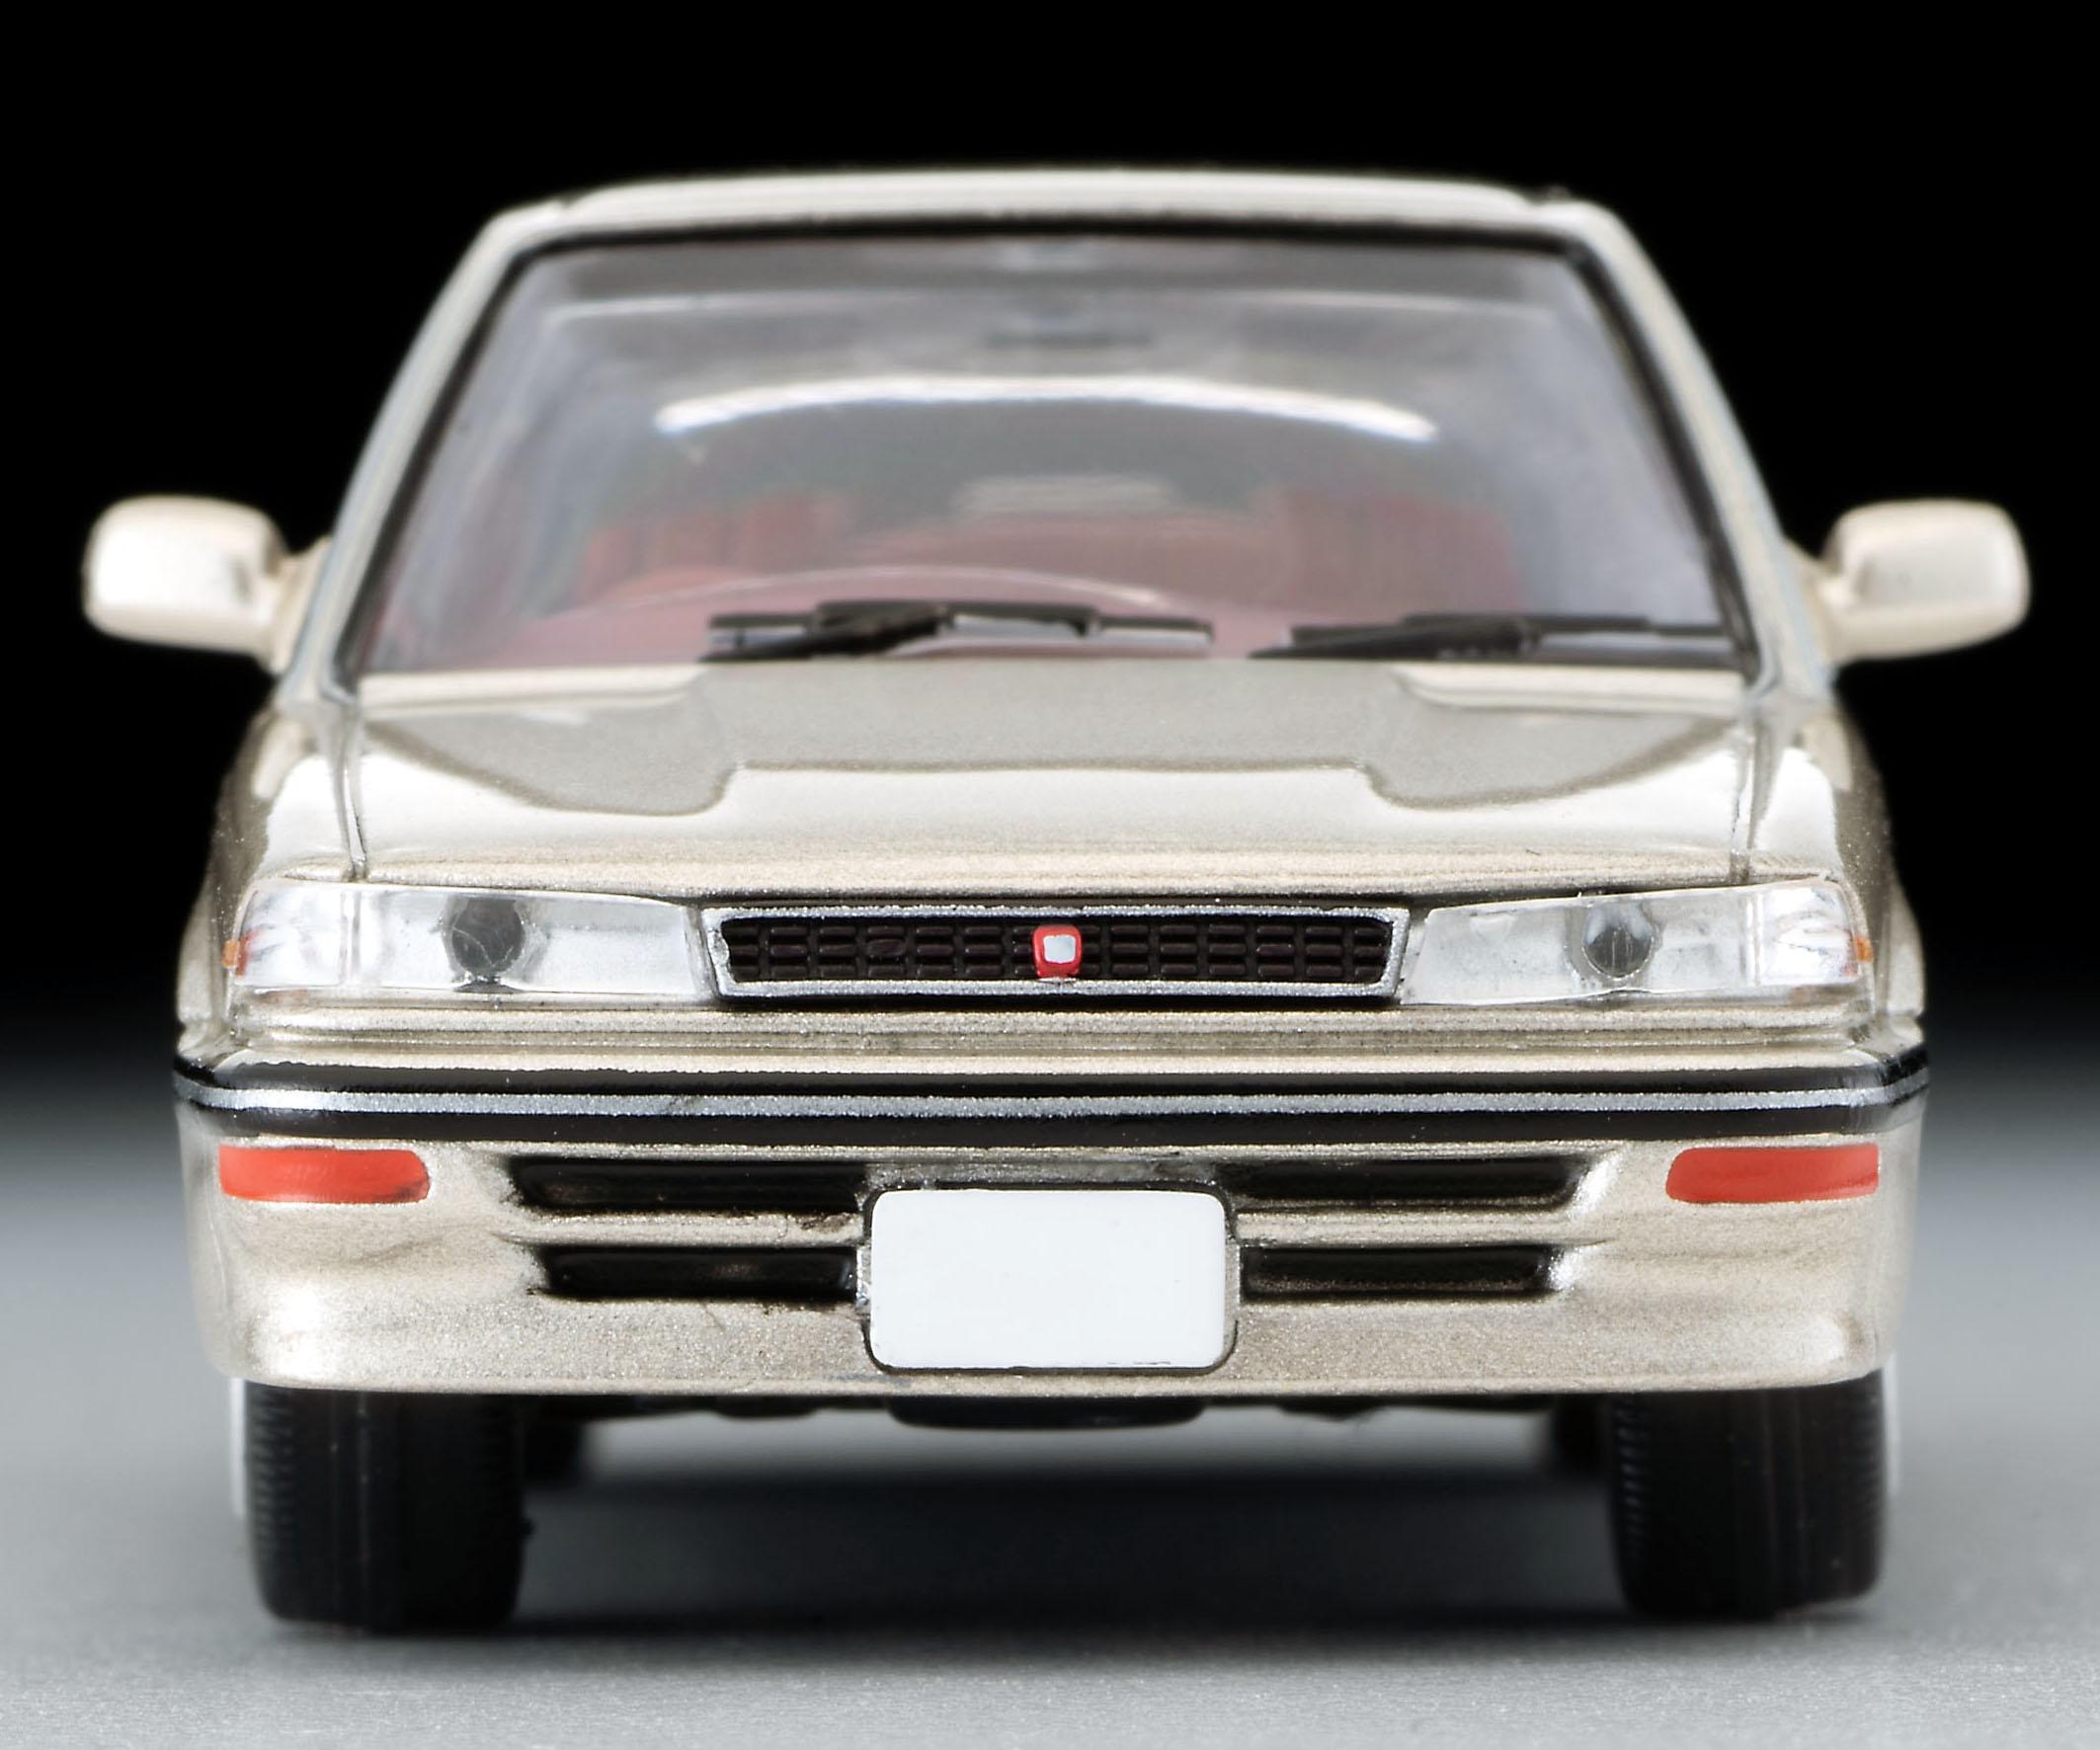 「史上最高の販売台数6代目カローラの「1500SEリミテッド」がトミカLV-NEOに新登場【ミニカー新製品情報】」の7枚目の画像